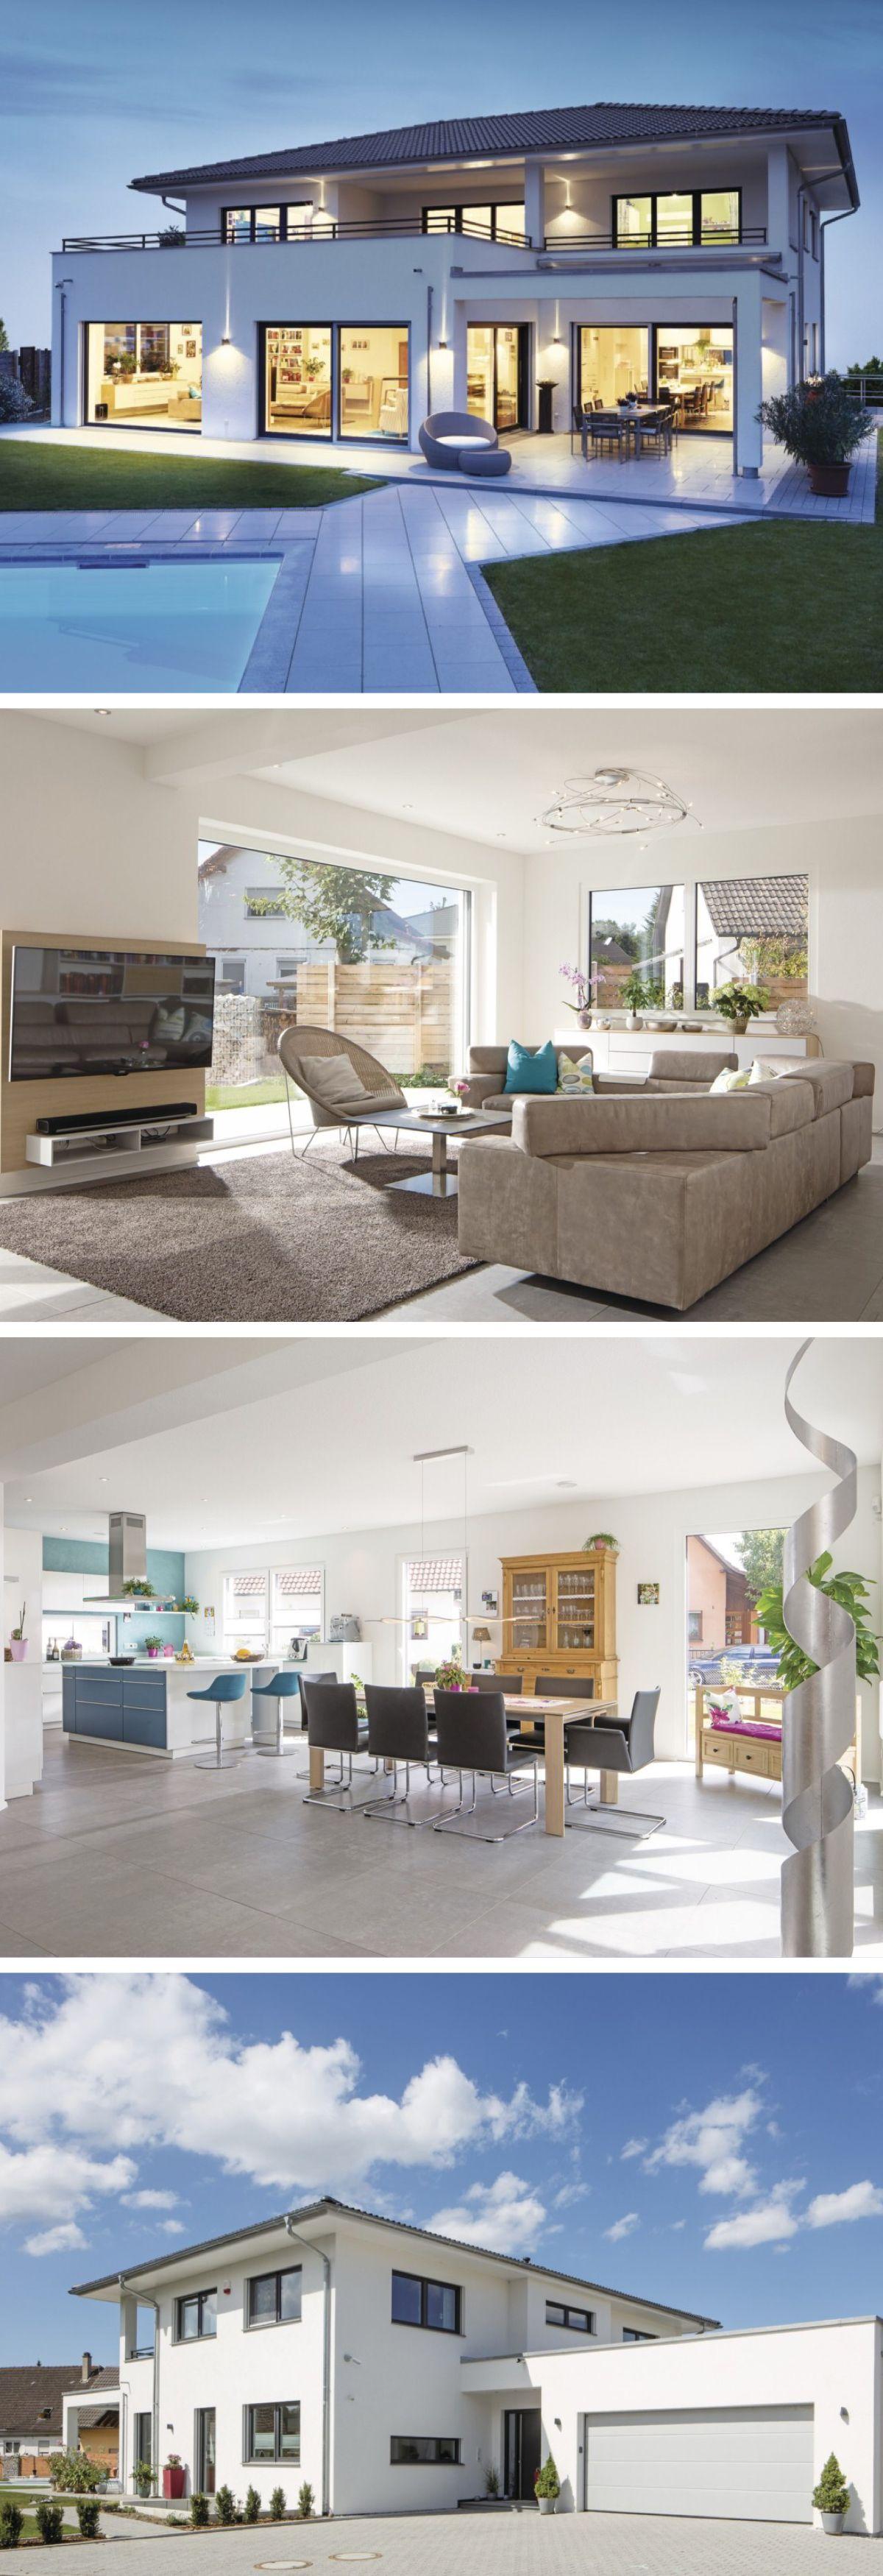 The White House Fertighaus modernes design haus mit pool und garage weberhaus stadtvilla als